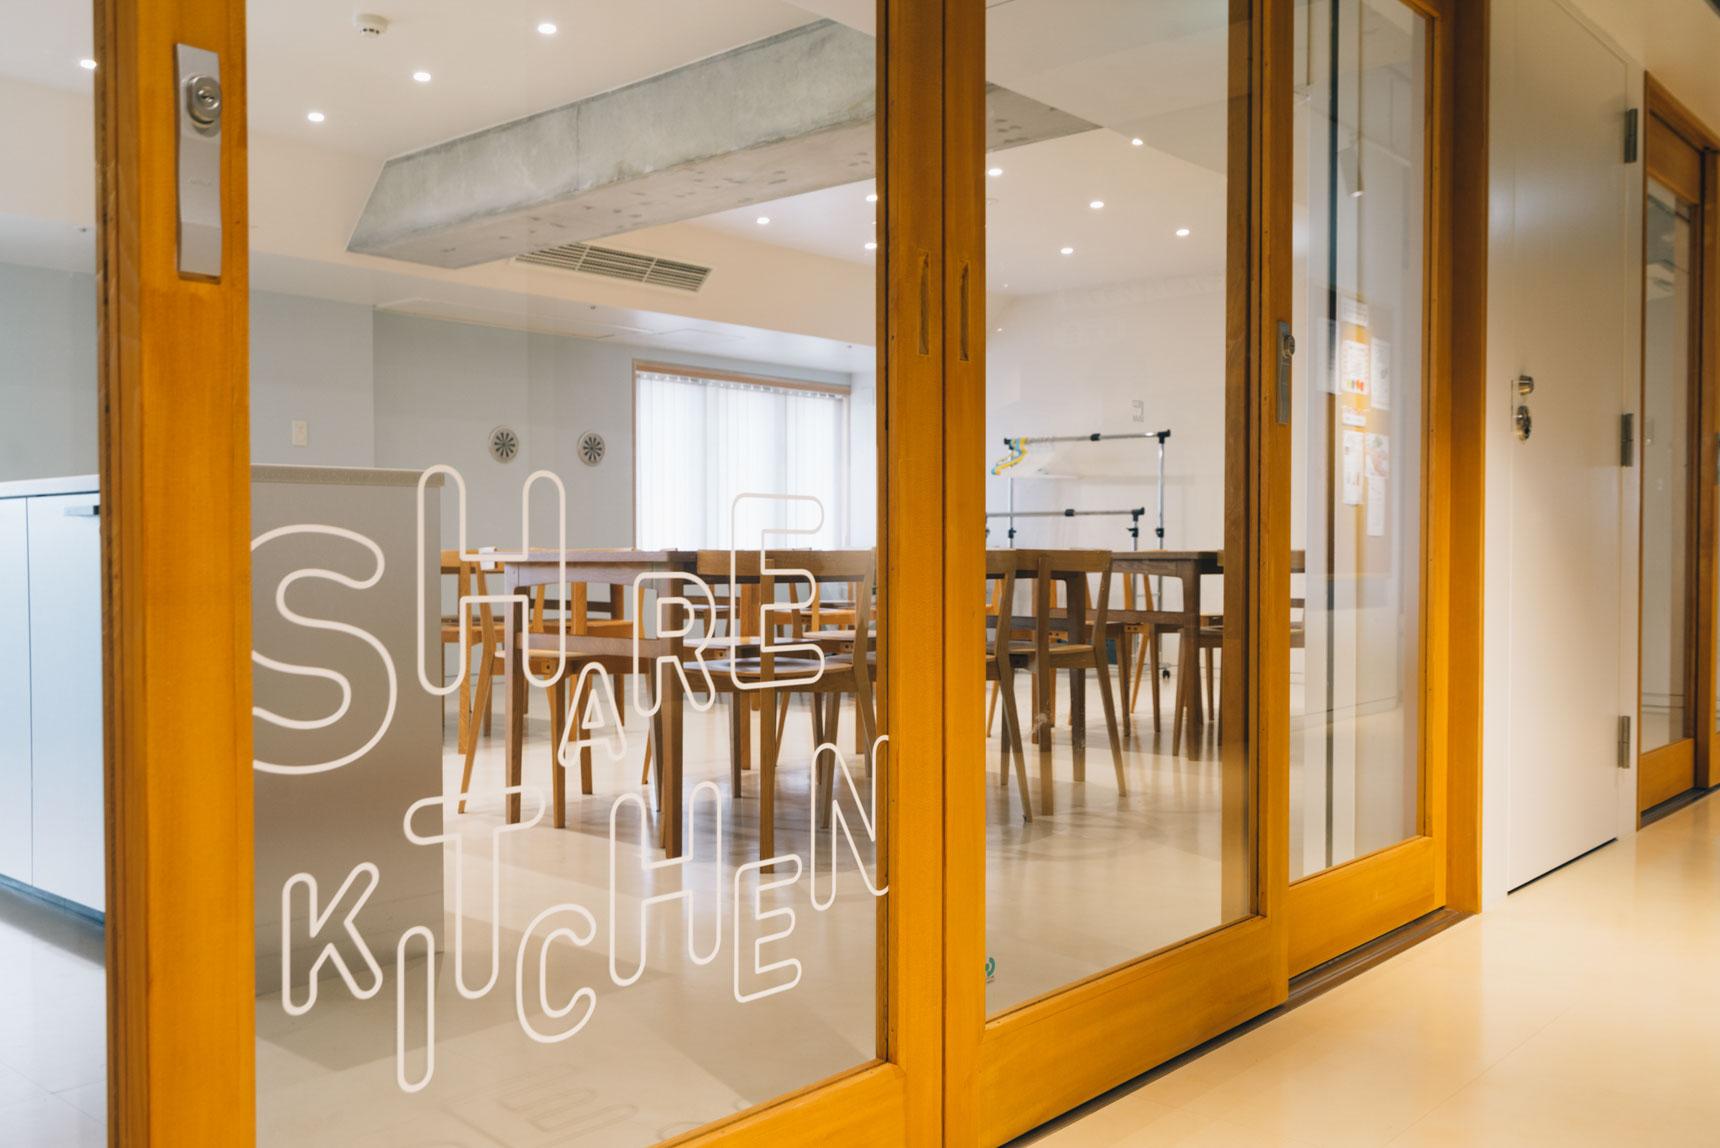 同じフロアに「シェアキッチン」があり、子どもたちはここで、みんなと一緒にあたたかい食事をとることもできます。